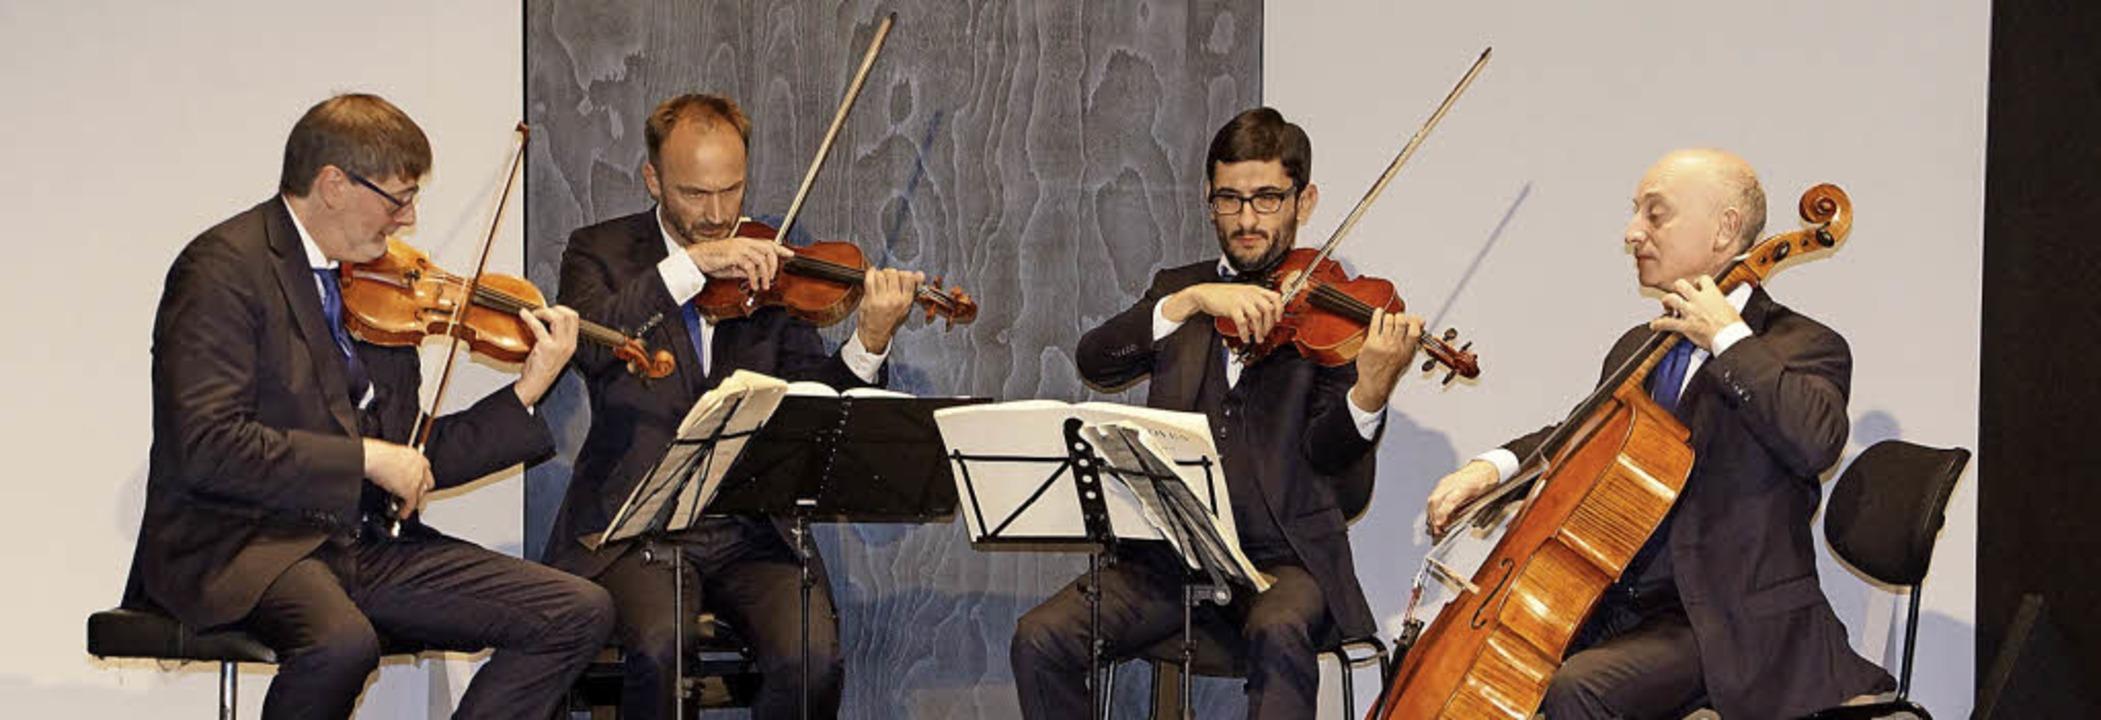 Das Quatuor Danel bei den Musiktagen Badenweiler  | Foto: badenweiler Thermen und touristik